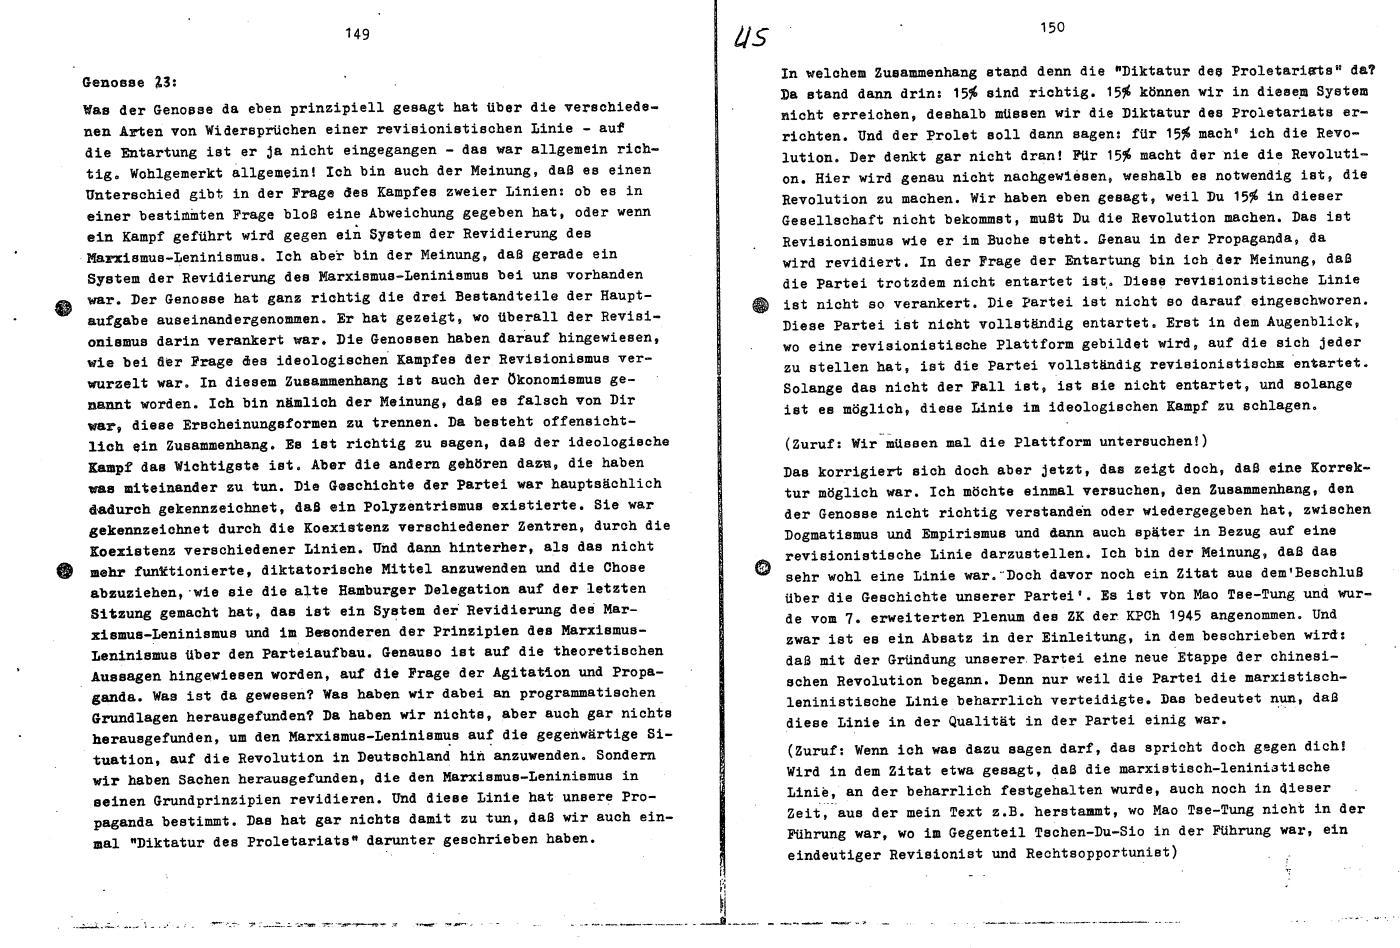 KPDML_1971_Wortprotokolle_aoPt_113